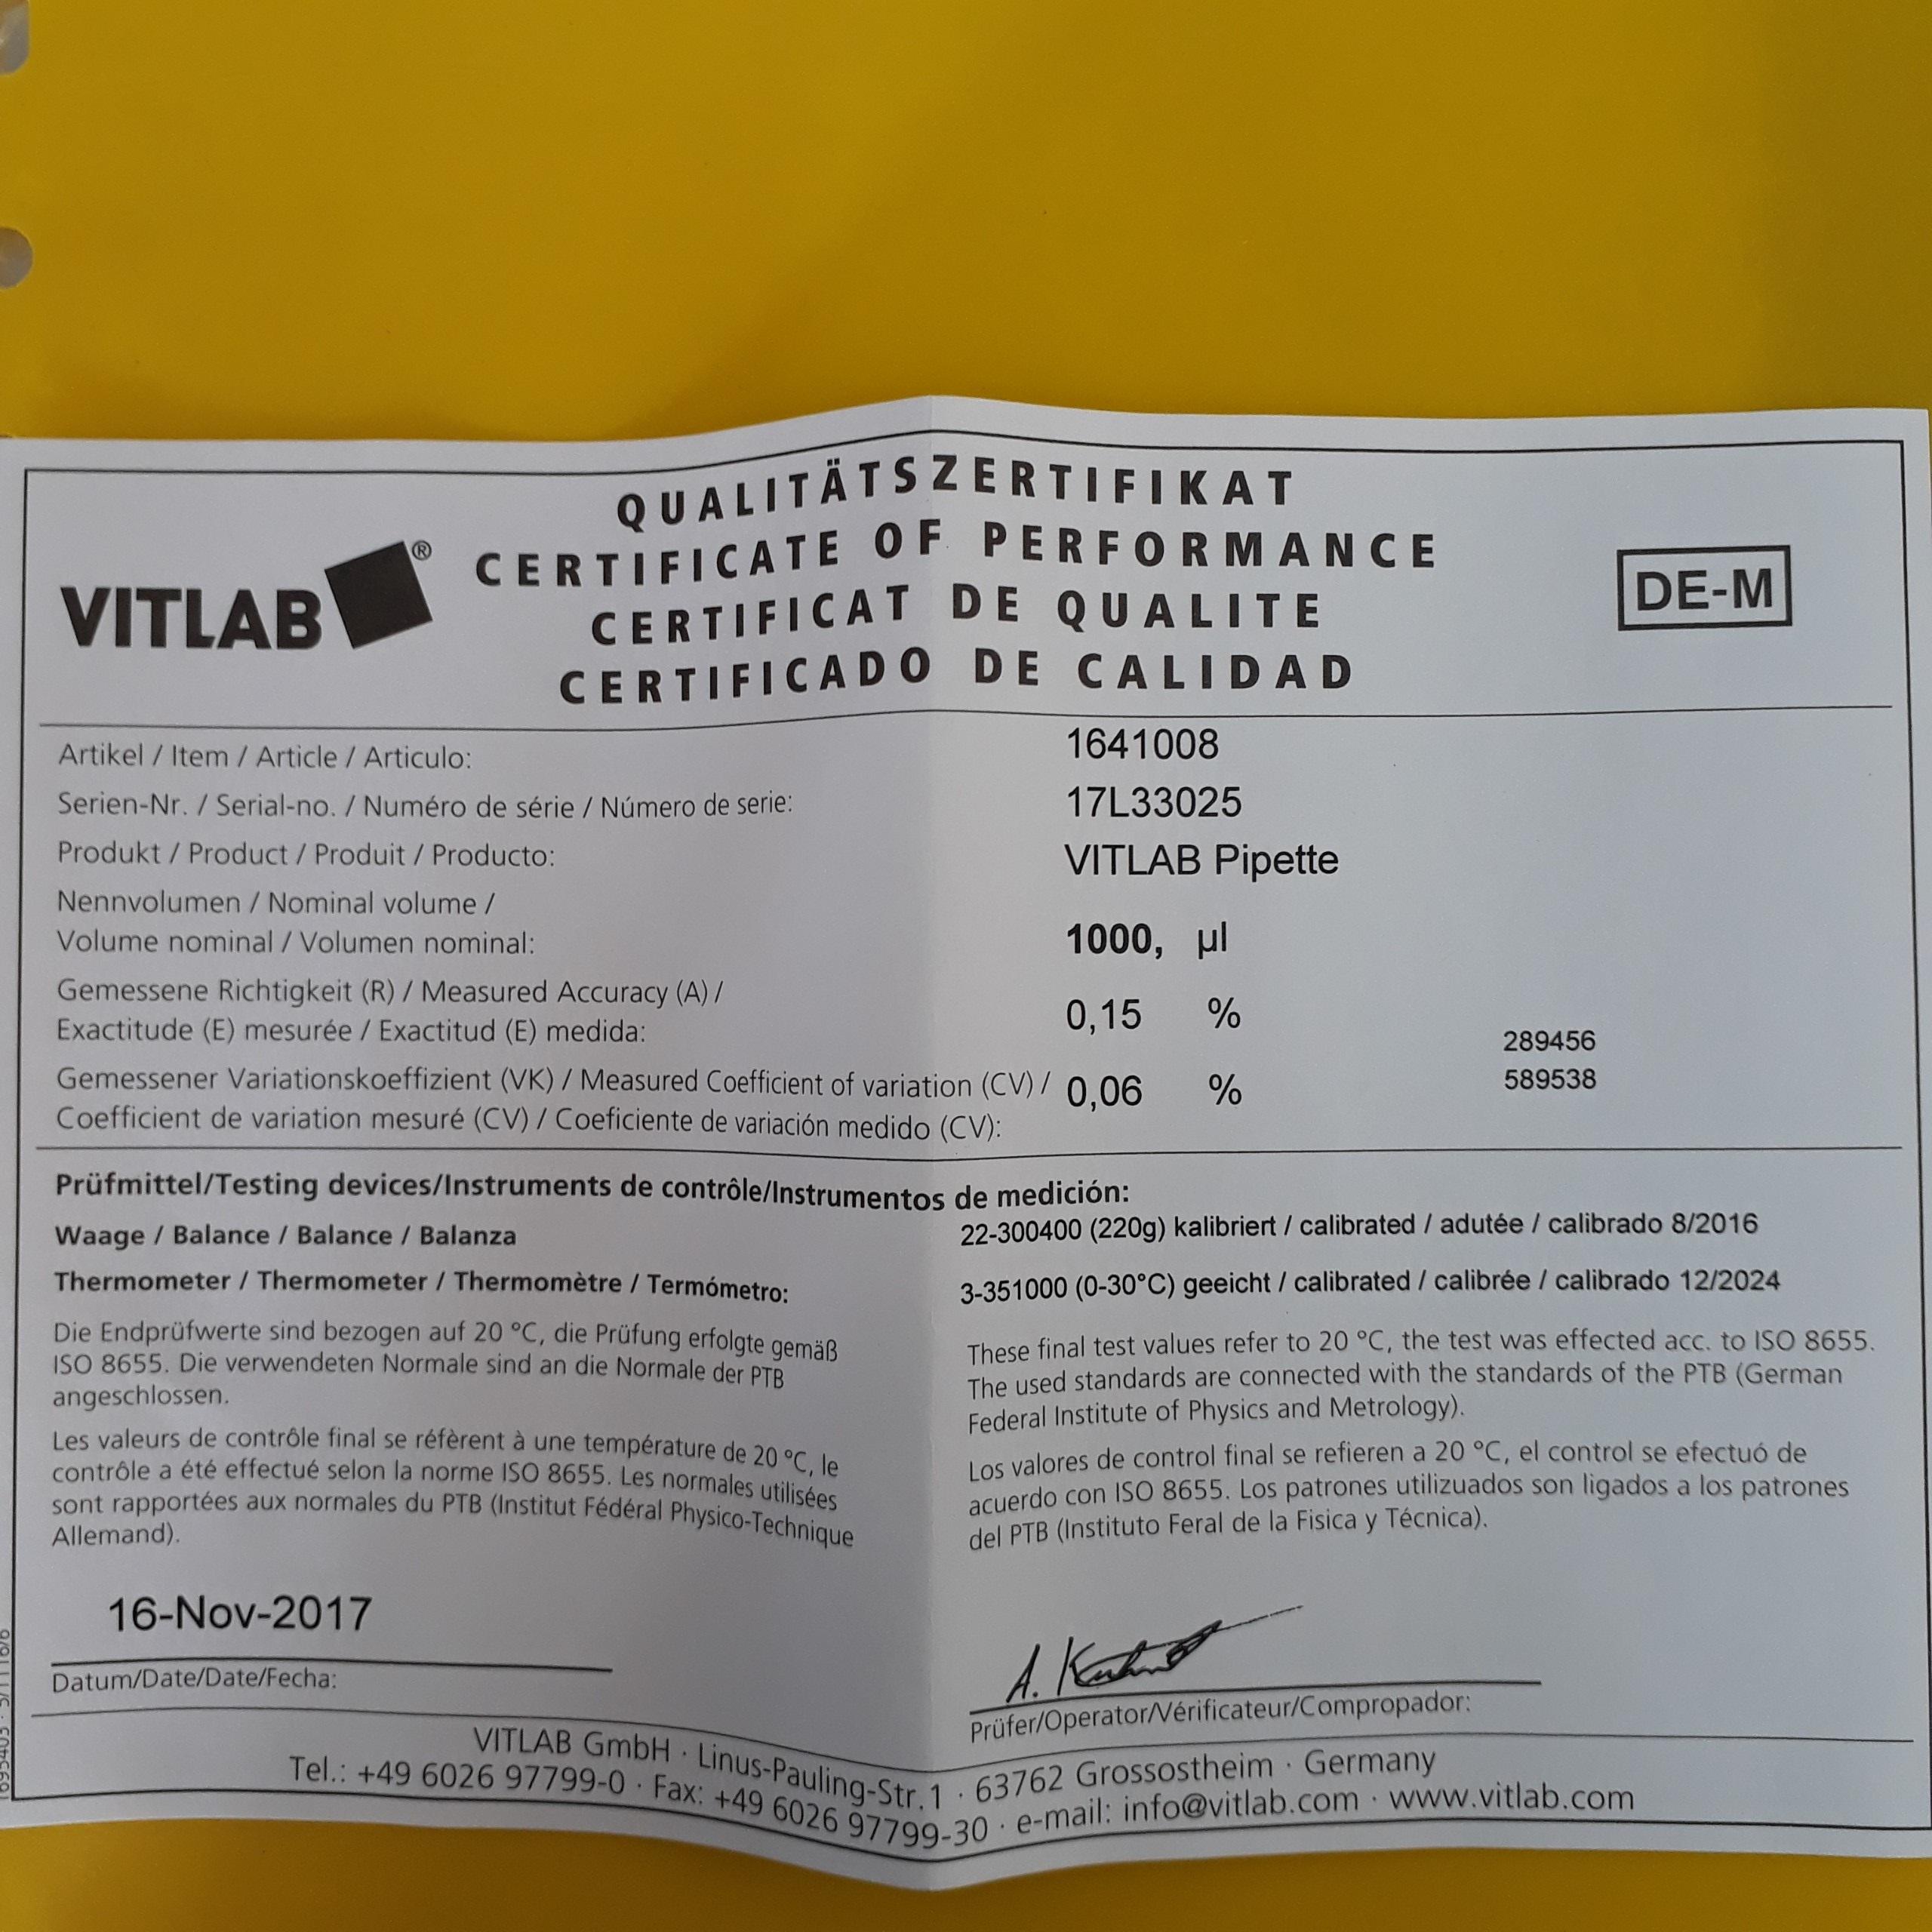 Micropipette thay đổi thể tích 100-1000ul  1641008 VITLAB